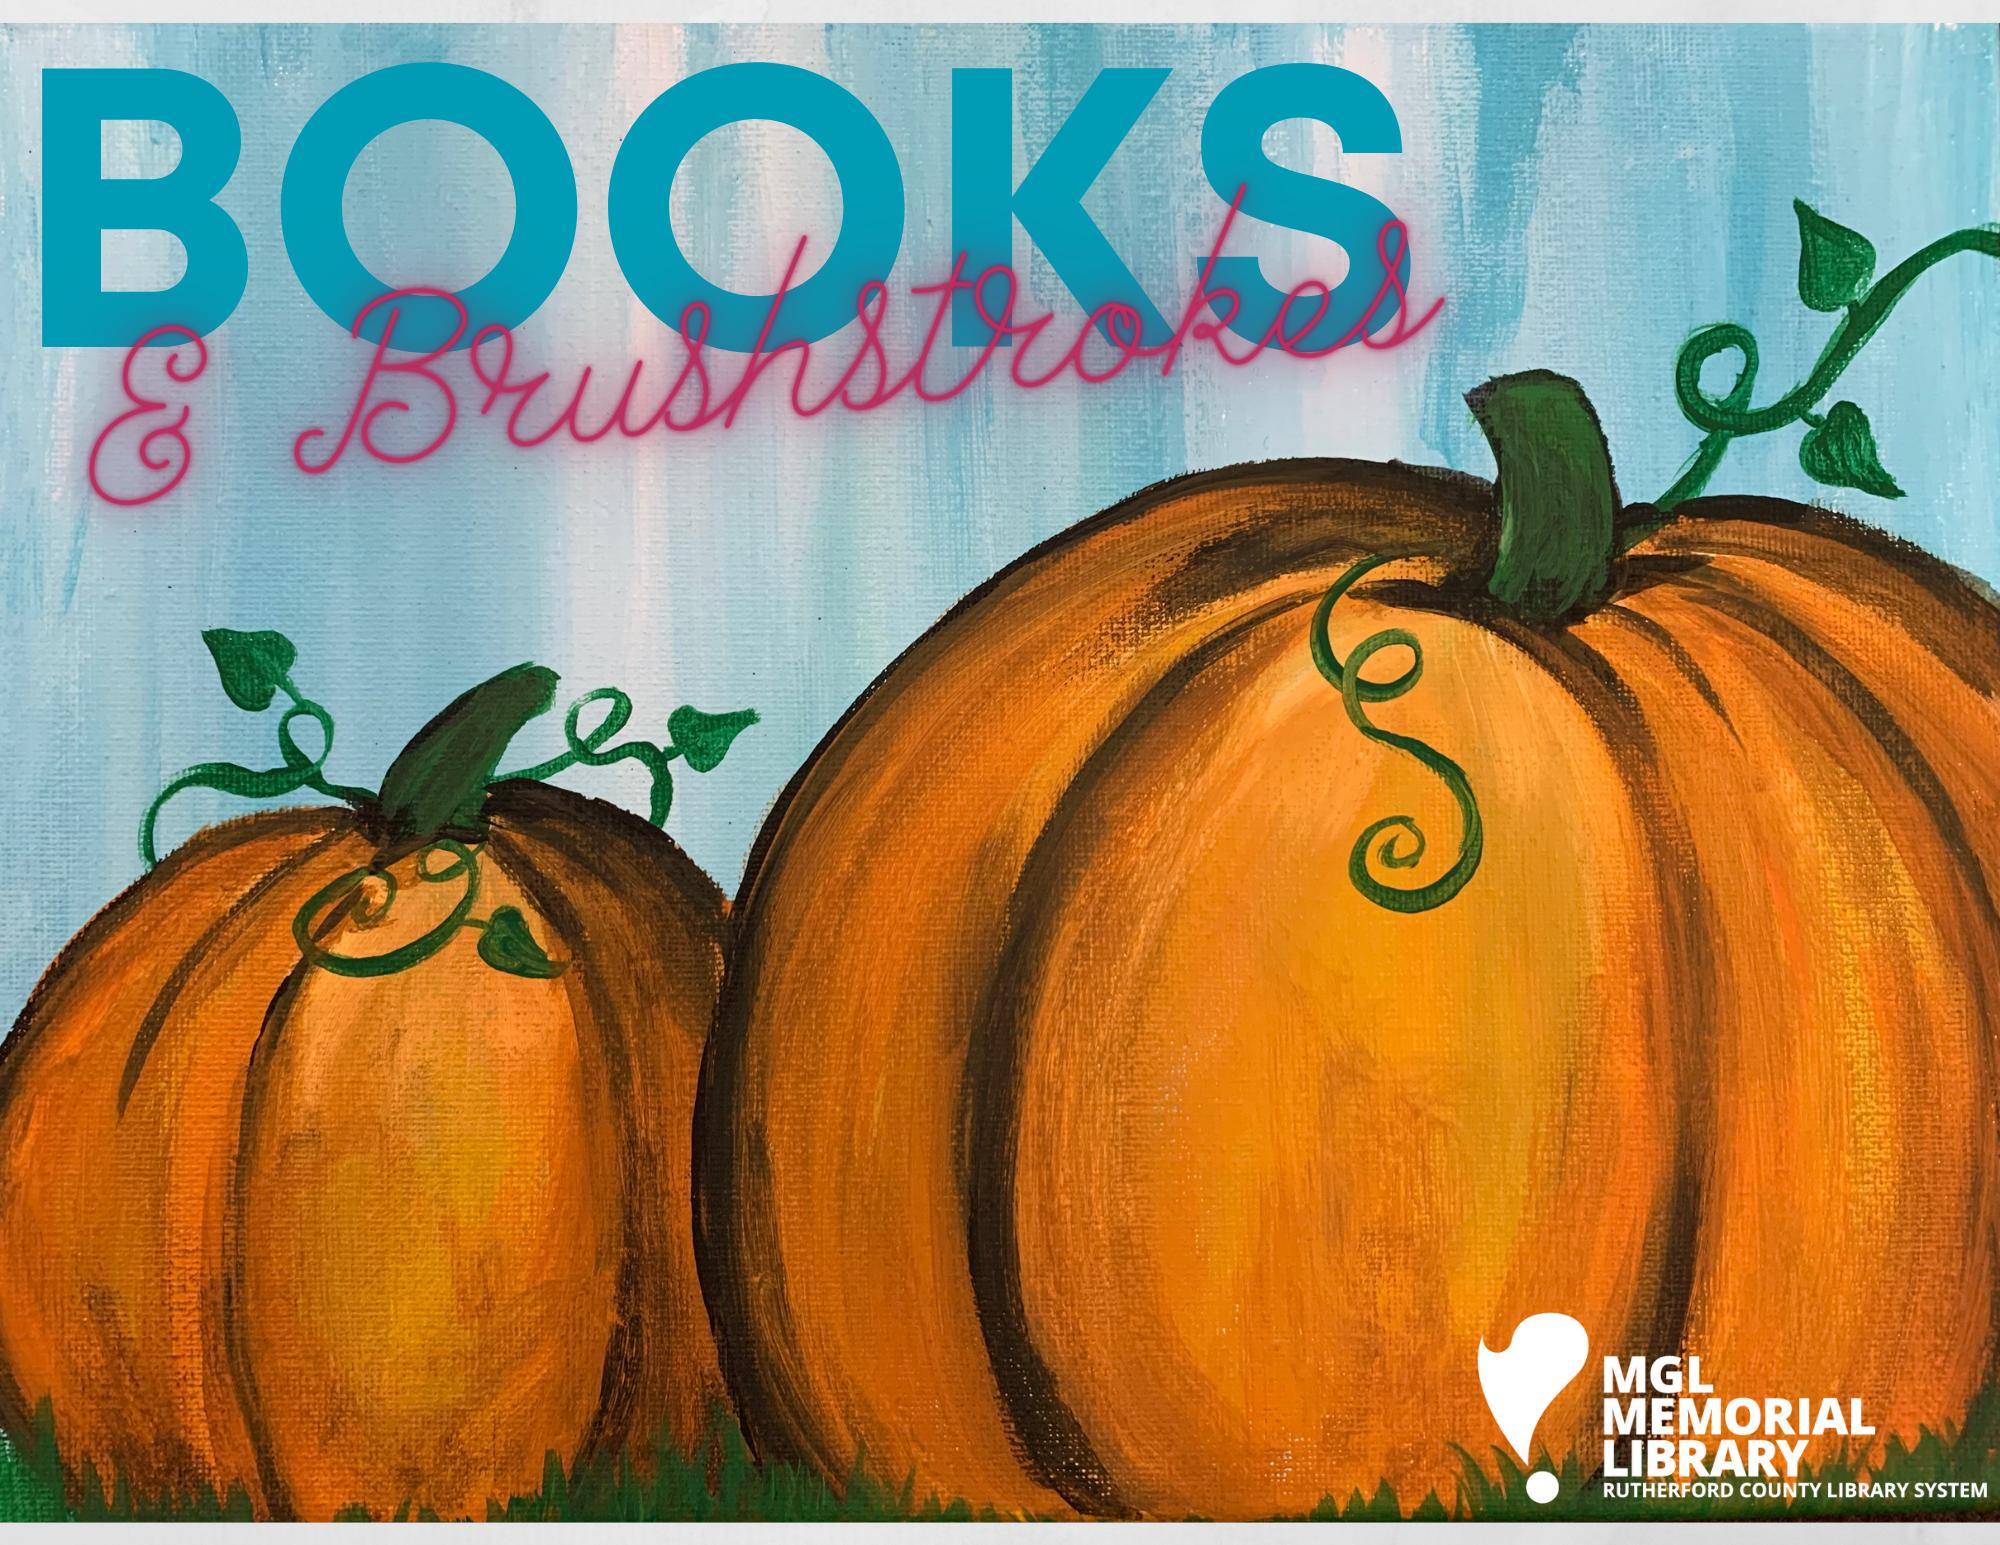 Books & Brushstrokes